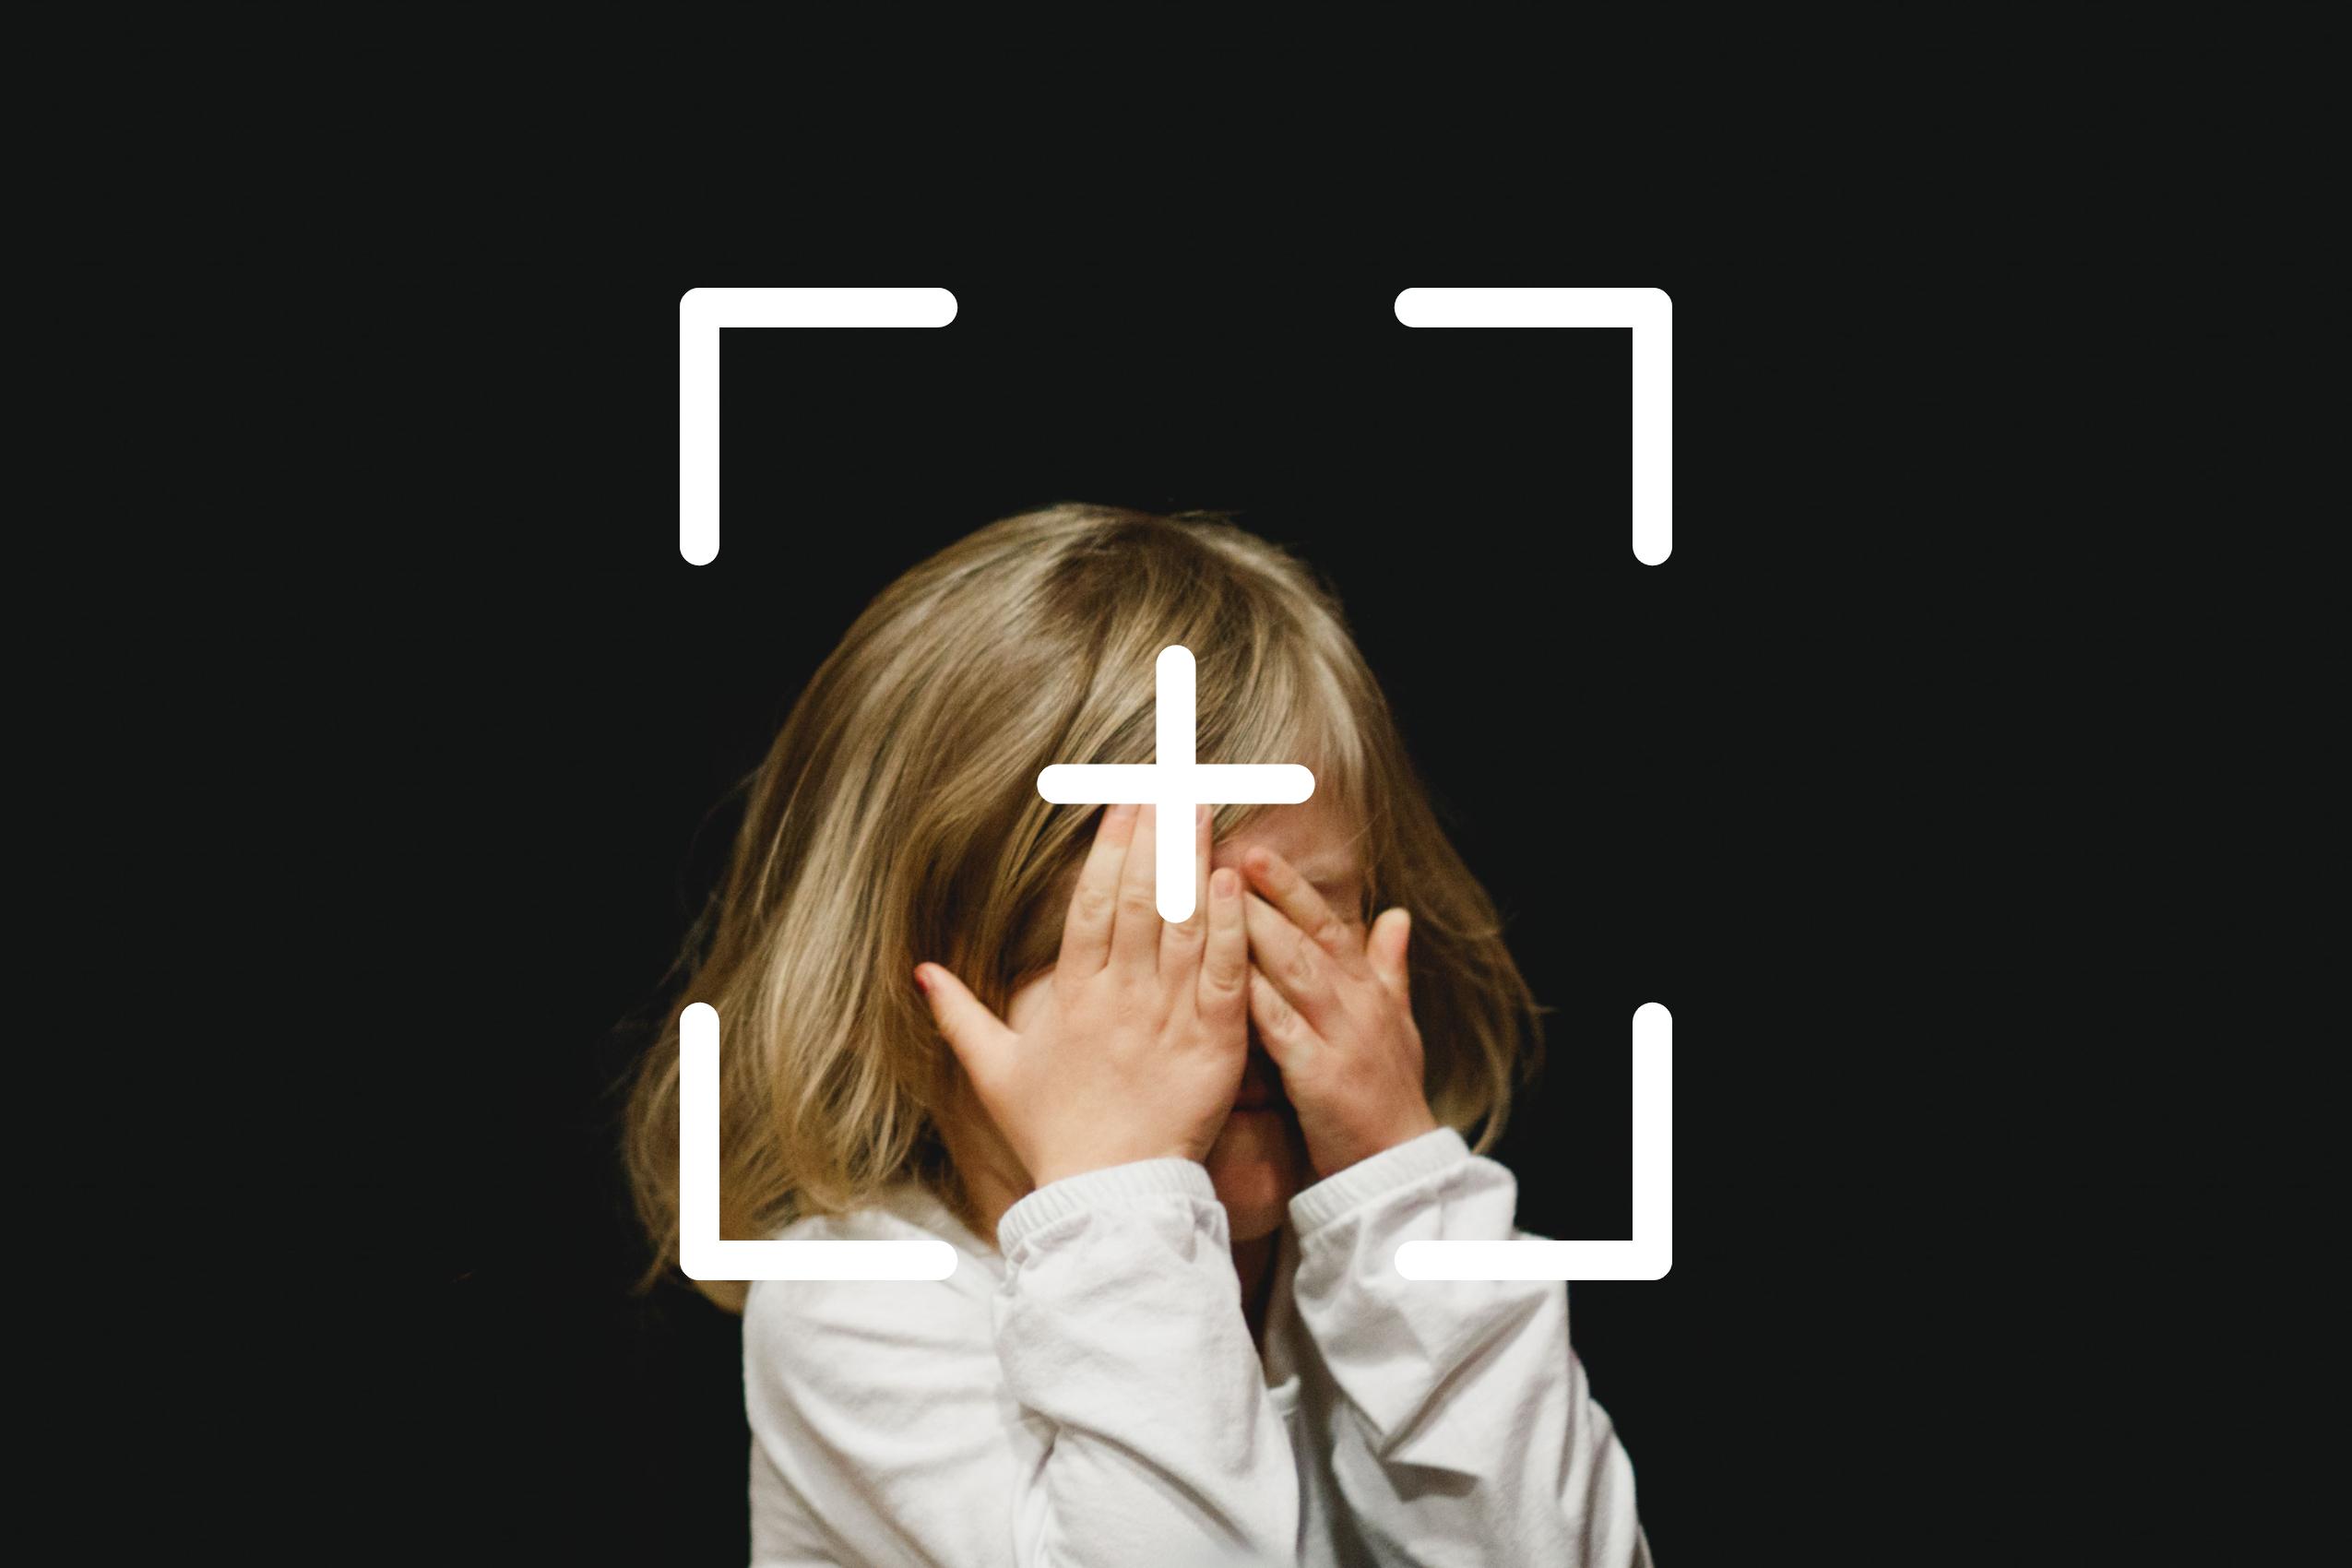 Protege la identidad de tus hijos en fotografías